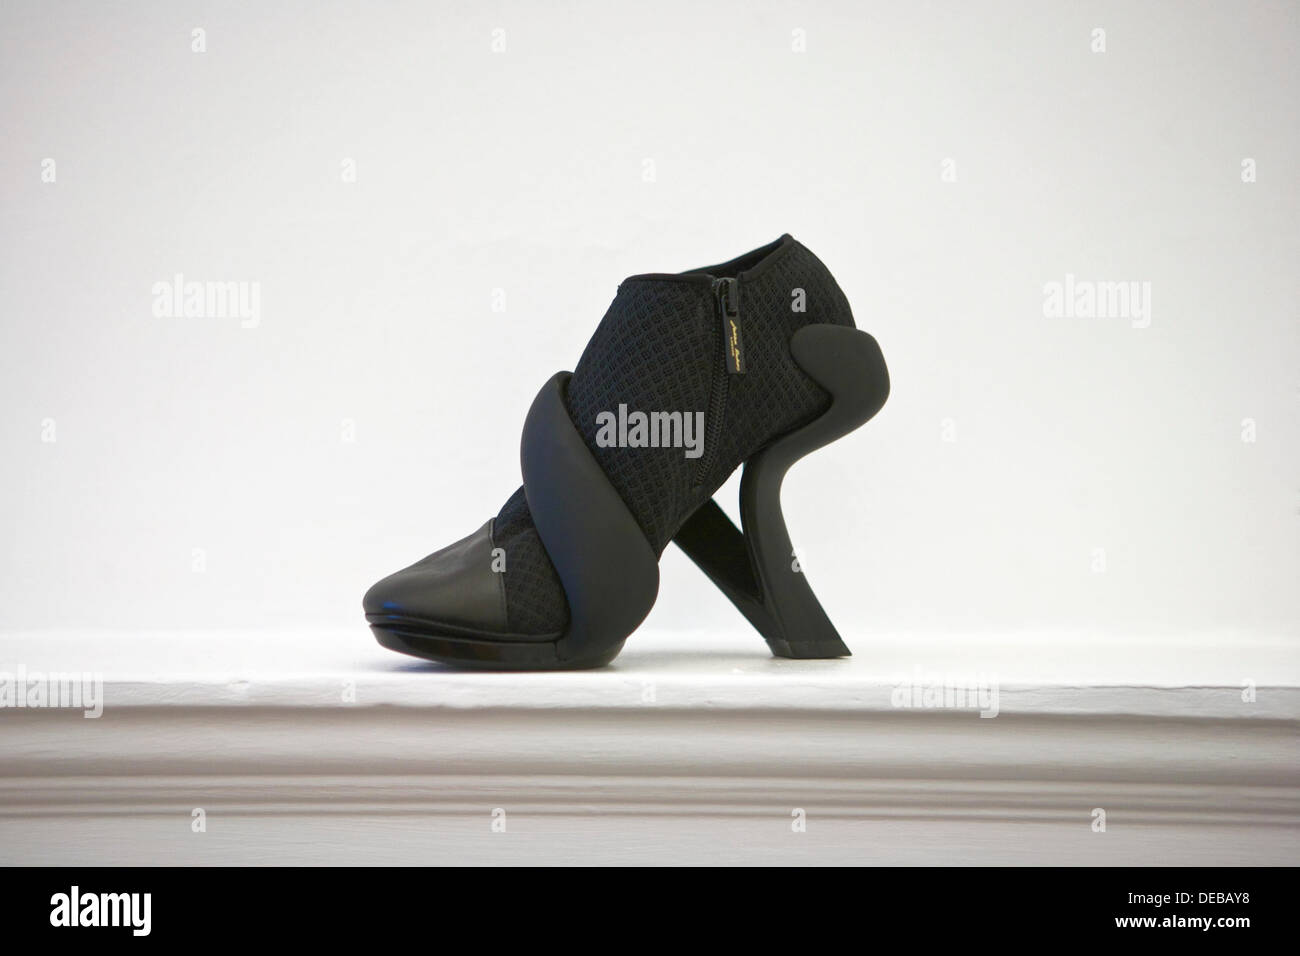 La Semana de la Moda de Londres en Somerset House: últimos diseños de nuevos talentos. Diseñador de calzado Julian merluzas modernos zapatos de moda Imagen De Stock